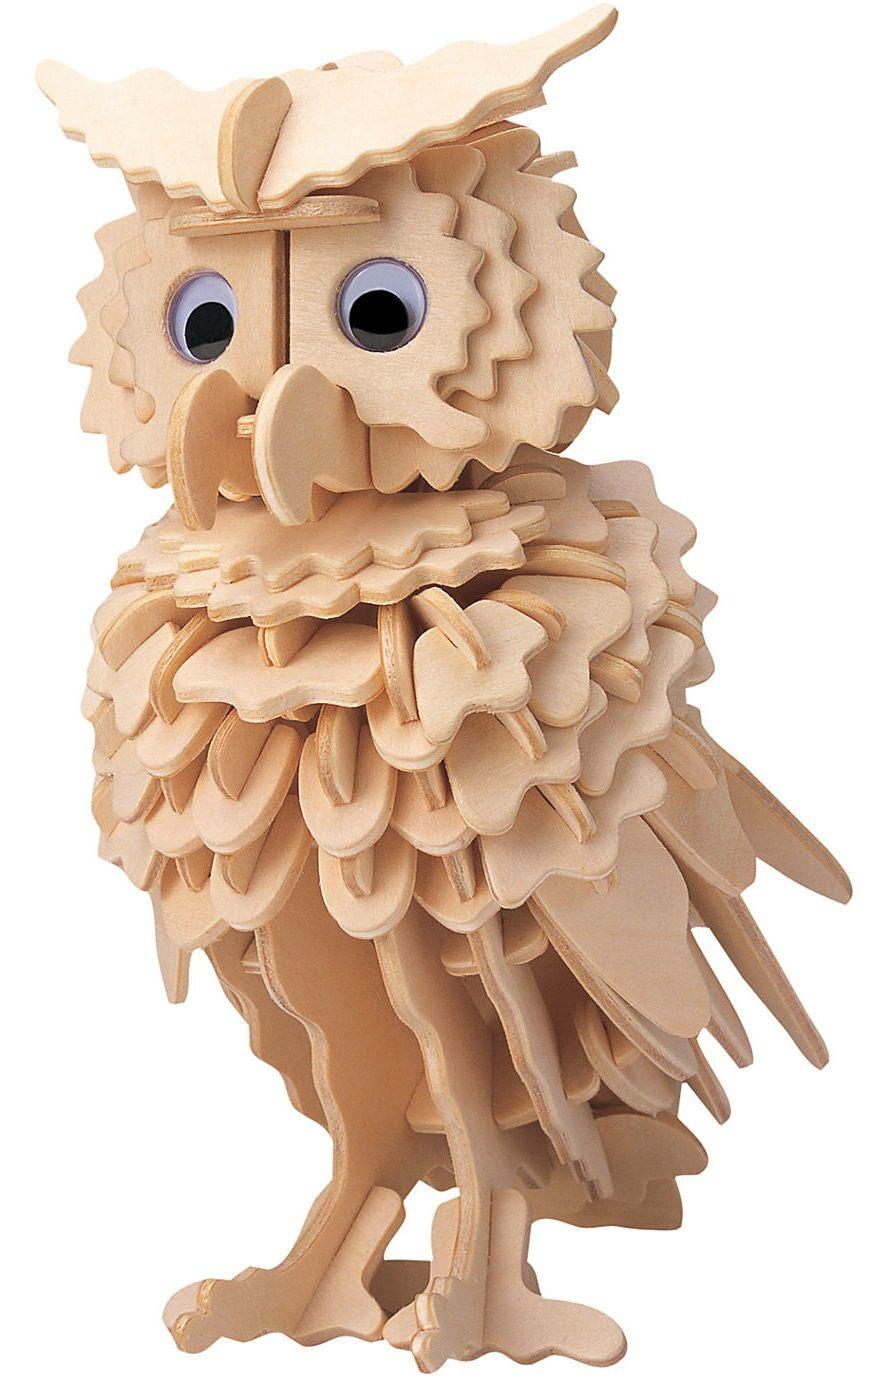 Фигурка совы из дерева пошаговая фото инструкция